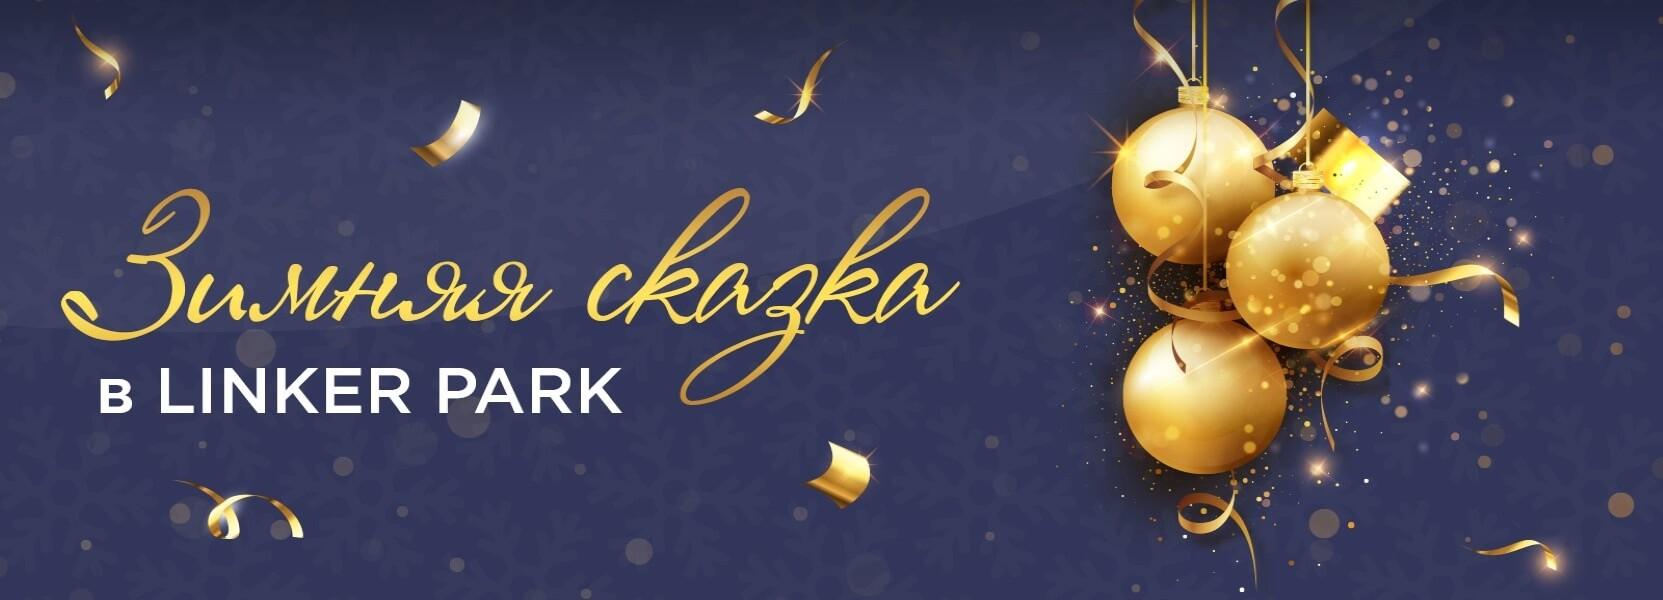 Линкер Парк предлагает встретить Новый 2022 год за городом в кругу друзей, родных и коллег